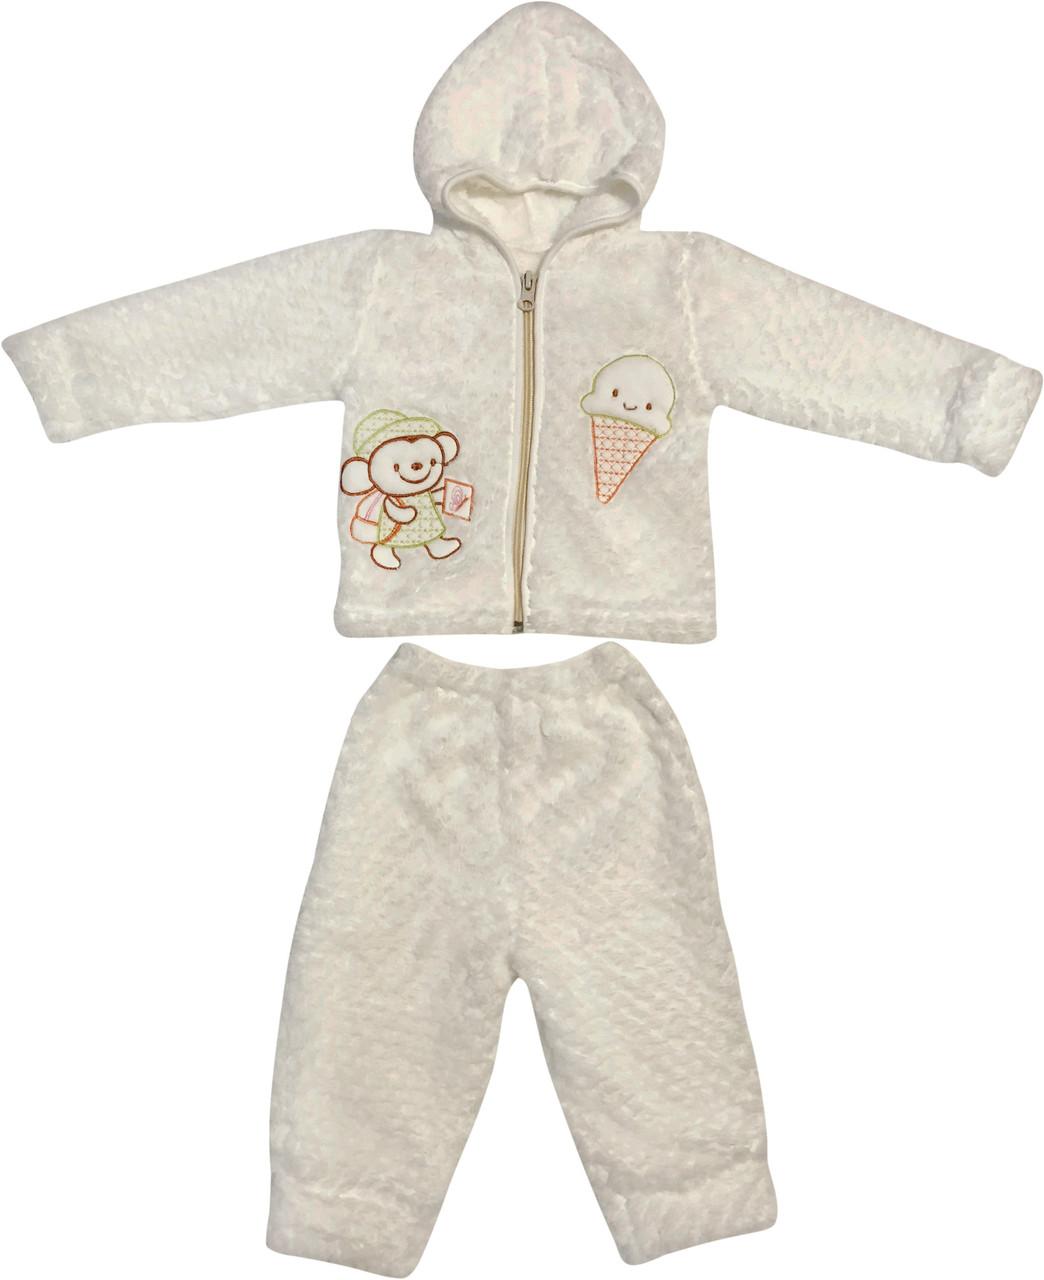 Тёплый костюм для новорожденных малышей рост 74 6-9 мес на мальчика девочку комплект детский махровый белый